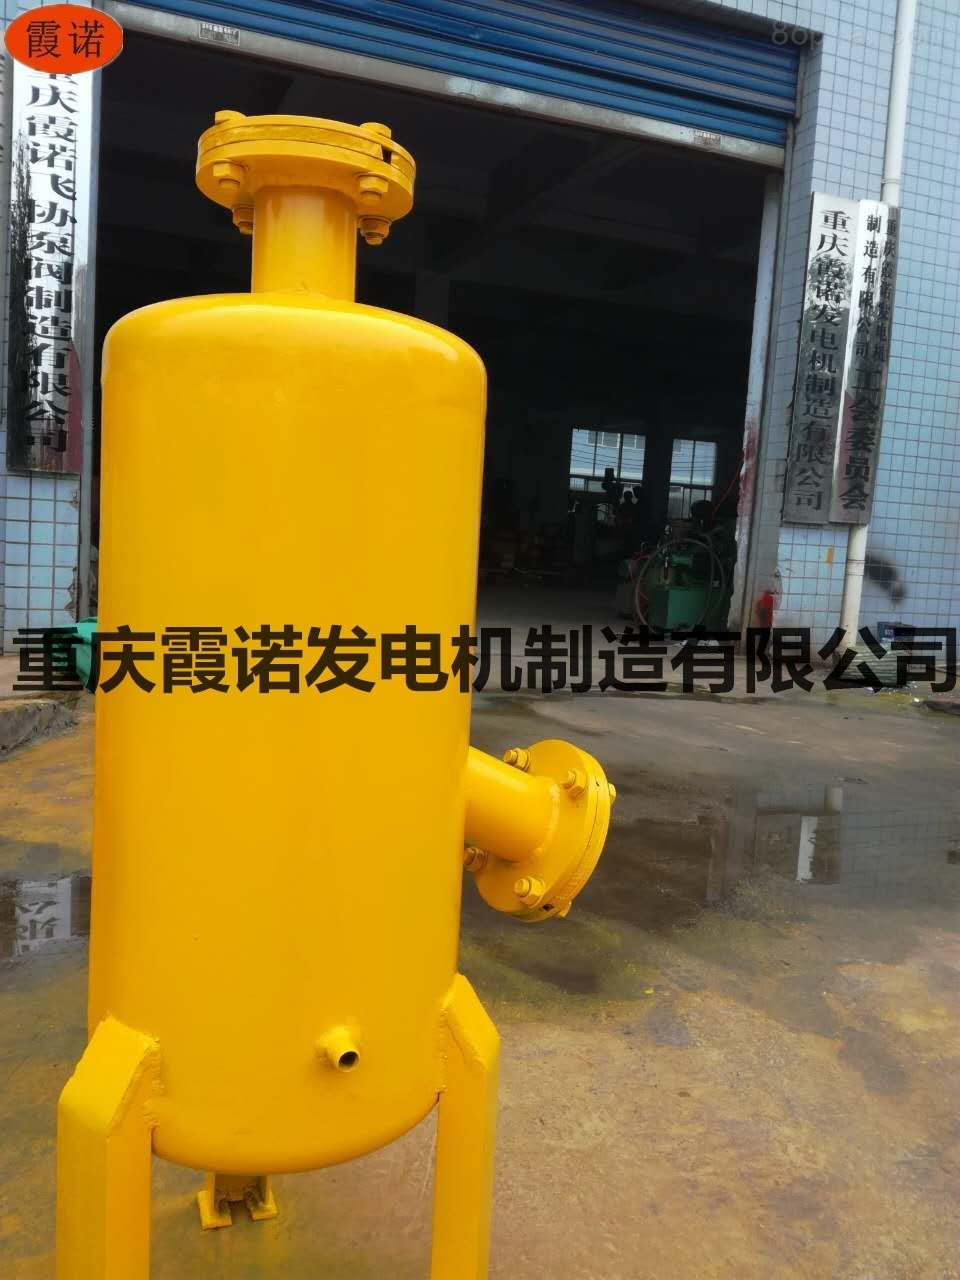 霞诺QSFL 气水分离罐气水分离器气水分离设备